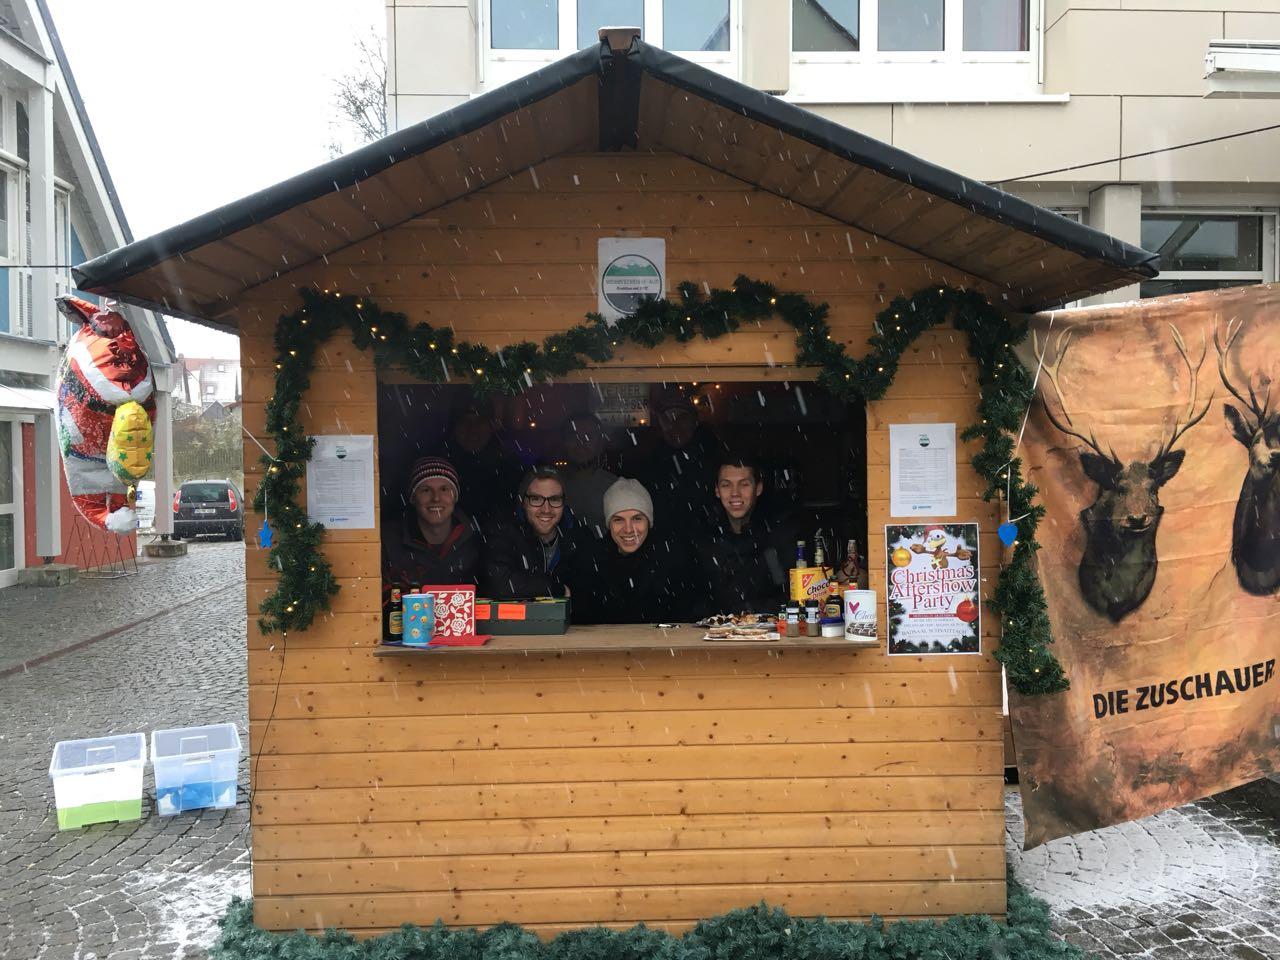 """Unsere Clique besucht regelmäßig Weihnachts- und Adventsmärkte in der Umgebung. Die letzten Winter waren teilweise recht mild und da entstand die Idee, selbst einmal einen Stand aufzumachen und dort, neben Glühwein auch Bier, ausschenken"""", erinnert sich d"""